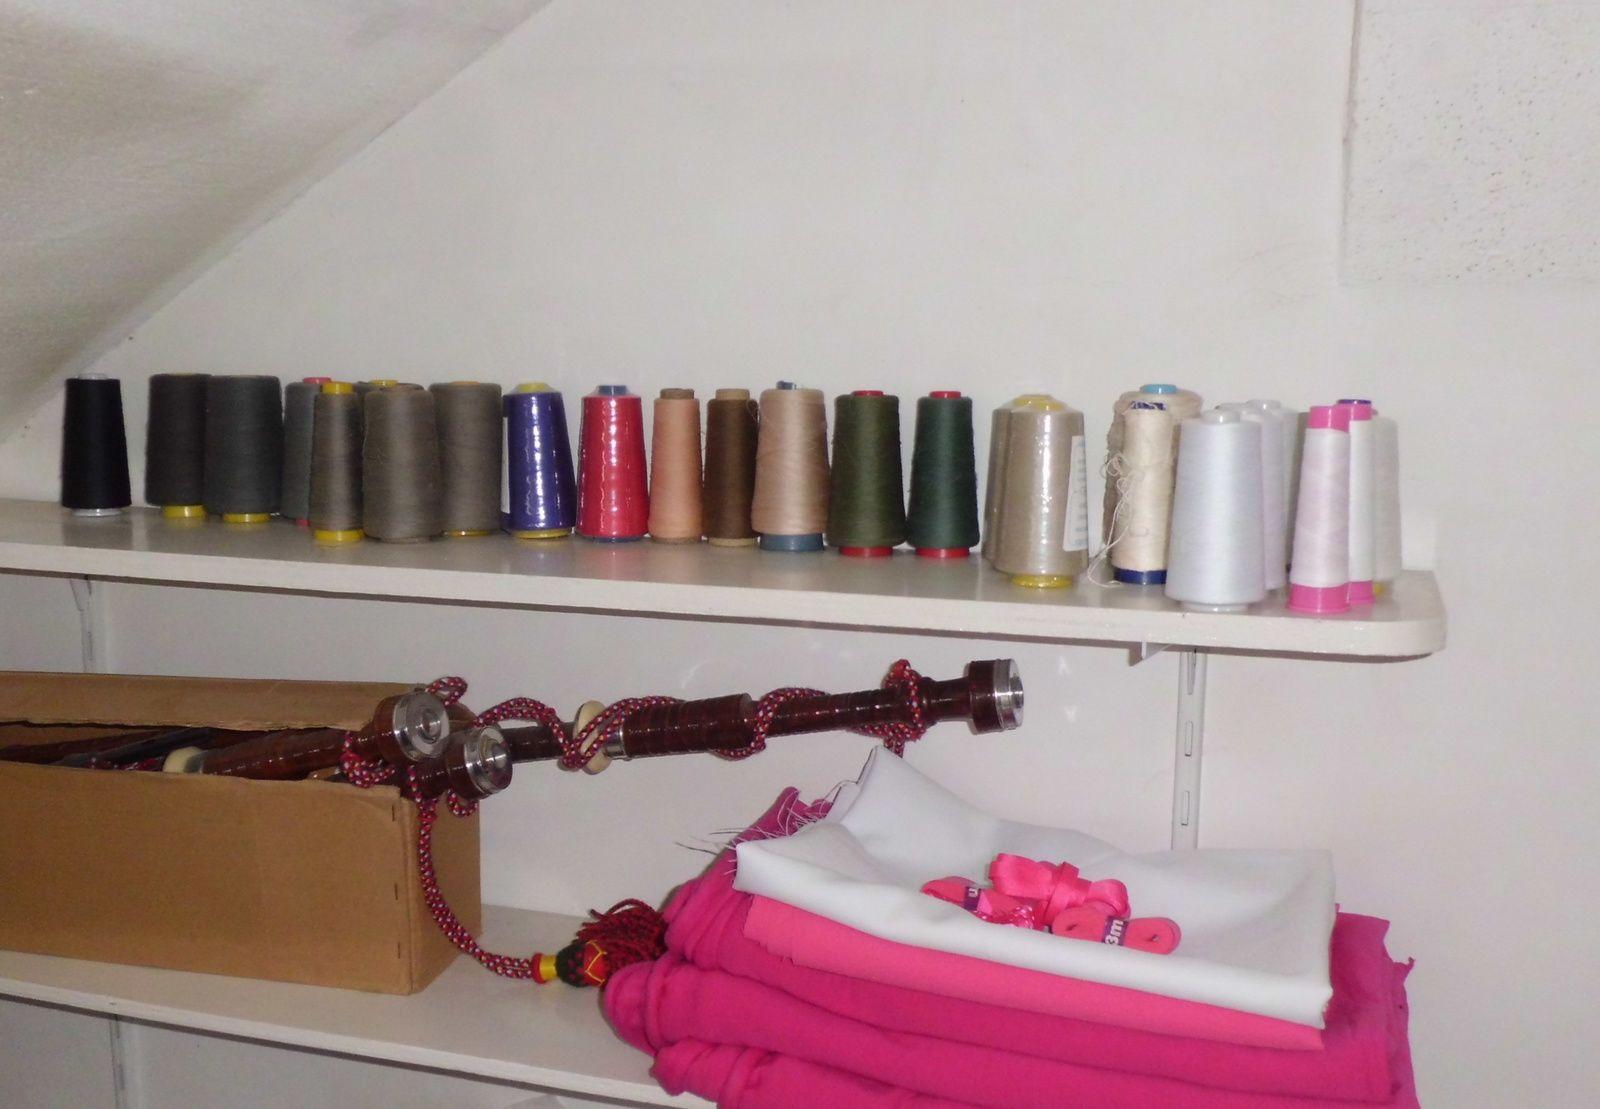 Mes différentes cônes, différentes couleurs et qualités... ainsi que la cornemuse de mon Fiancé! / My different cones, many colors and qualities... and also the bagpipes of my Fiancé!